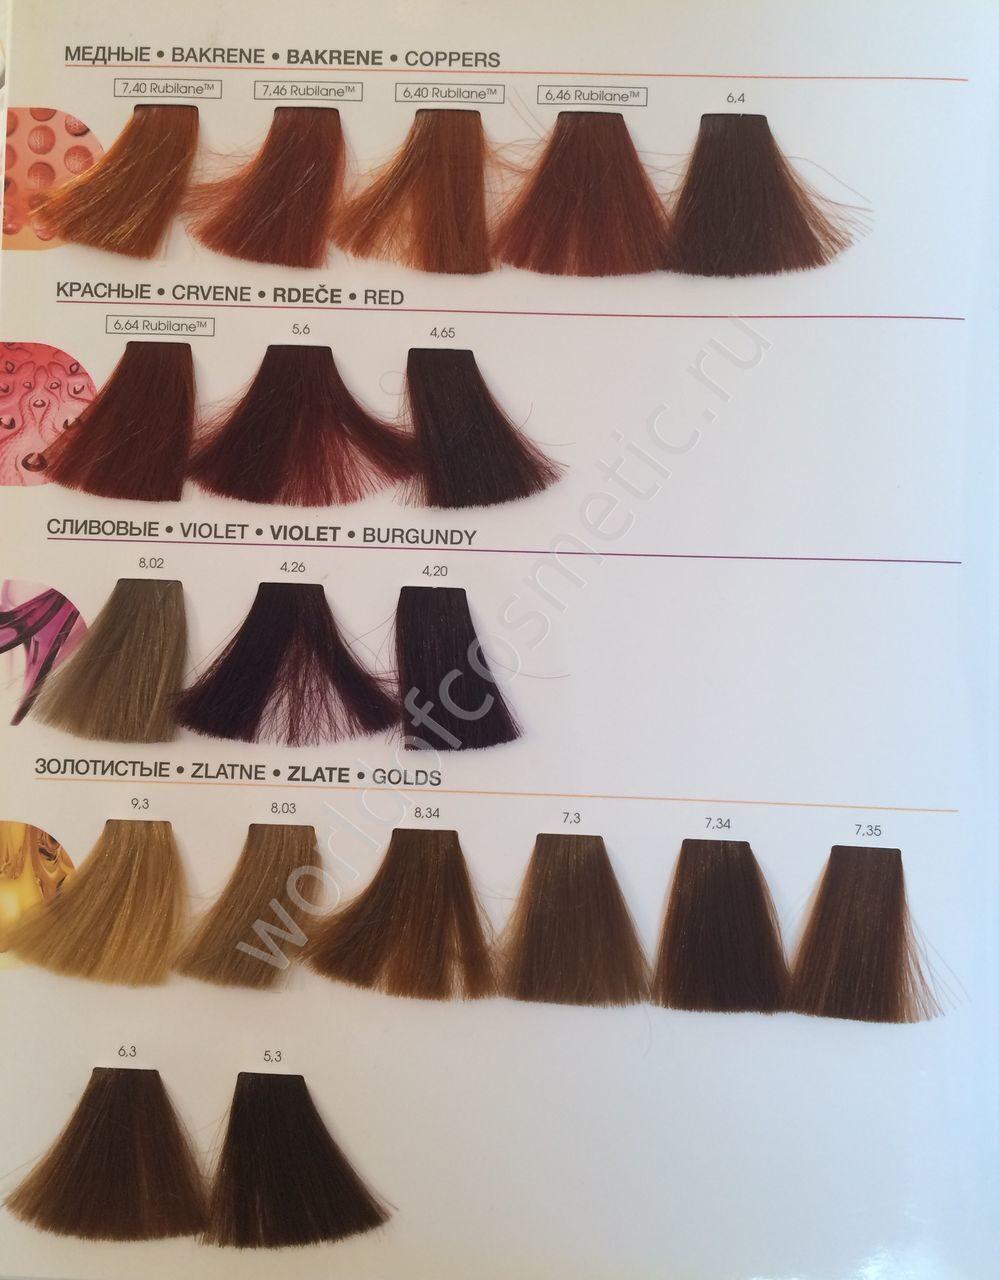 Краски для волос wella палитра цветов фото